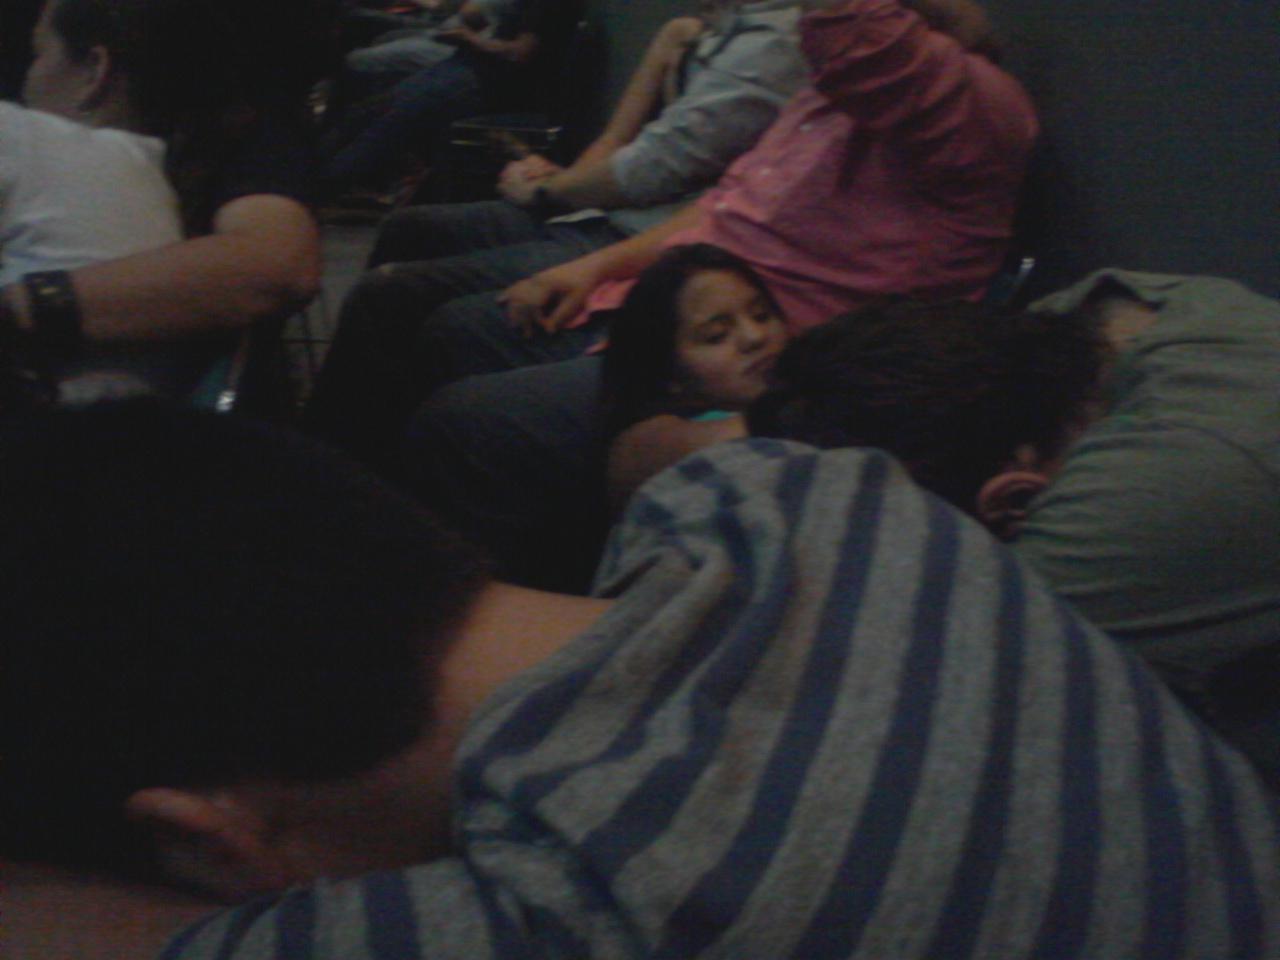 De los movimientos adolescentes dormidos duermen